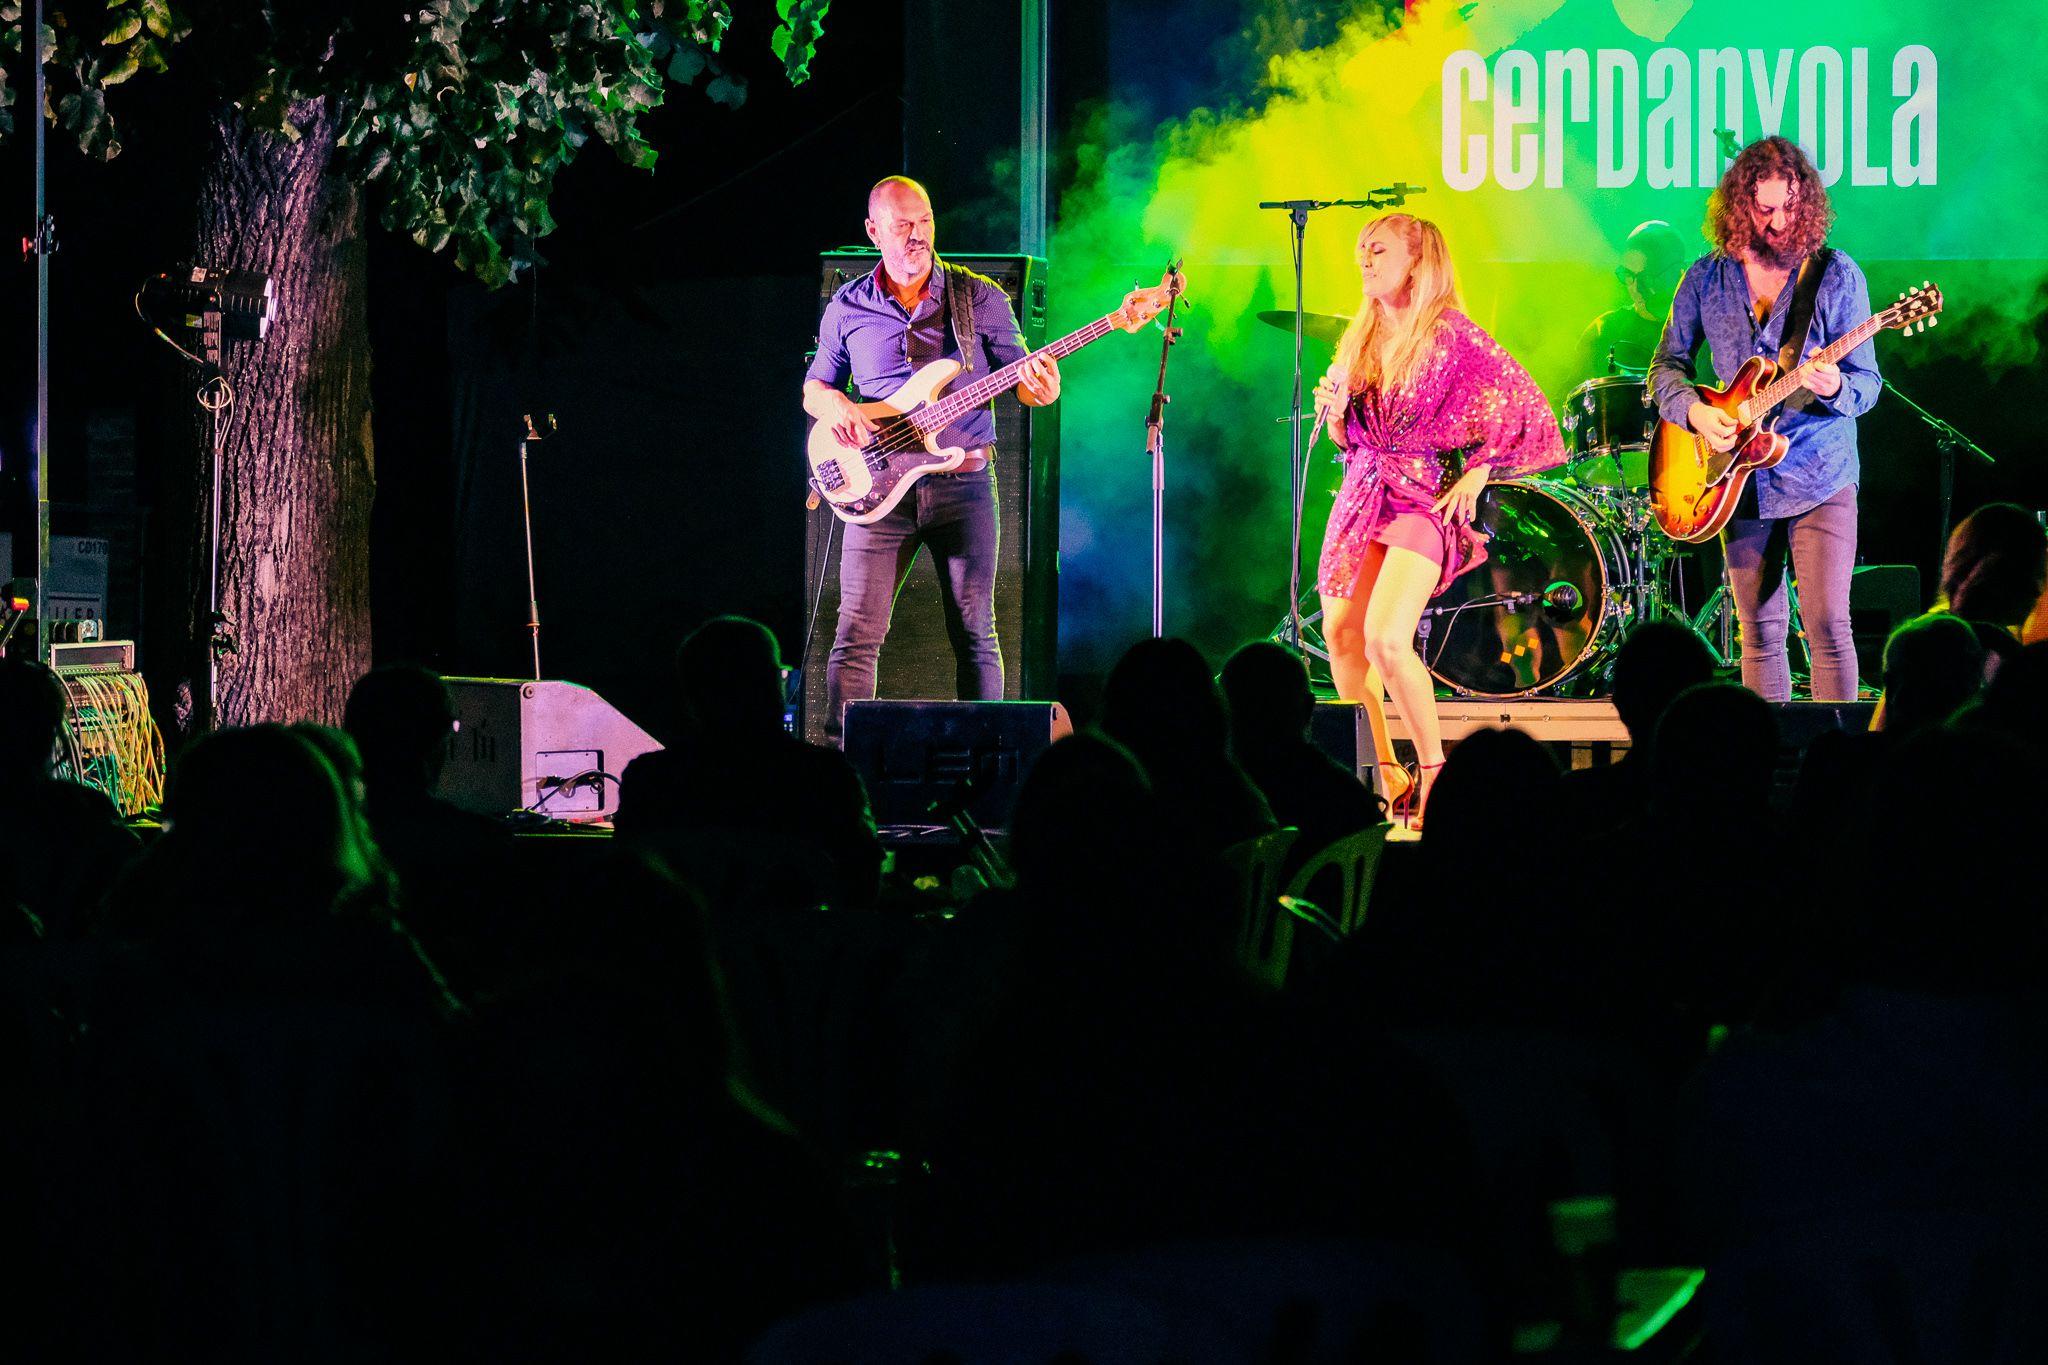 Actuació de Kid Carlos la primera nit de Blues a la Masia Can Fatjó, divendres 1 d'octubre. FOTO: Ale Gómez